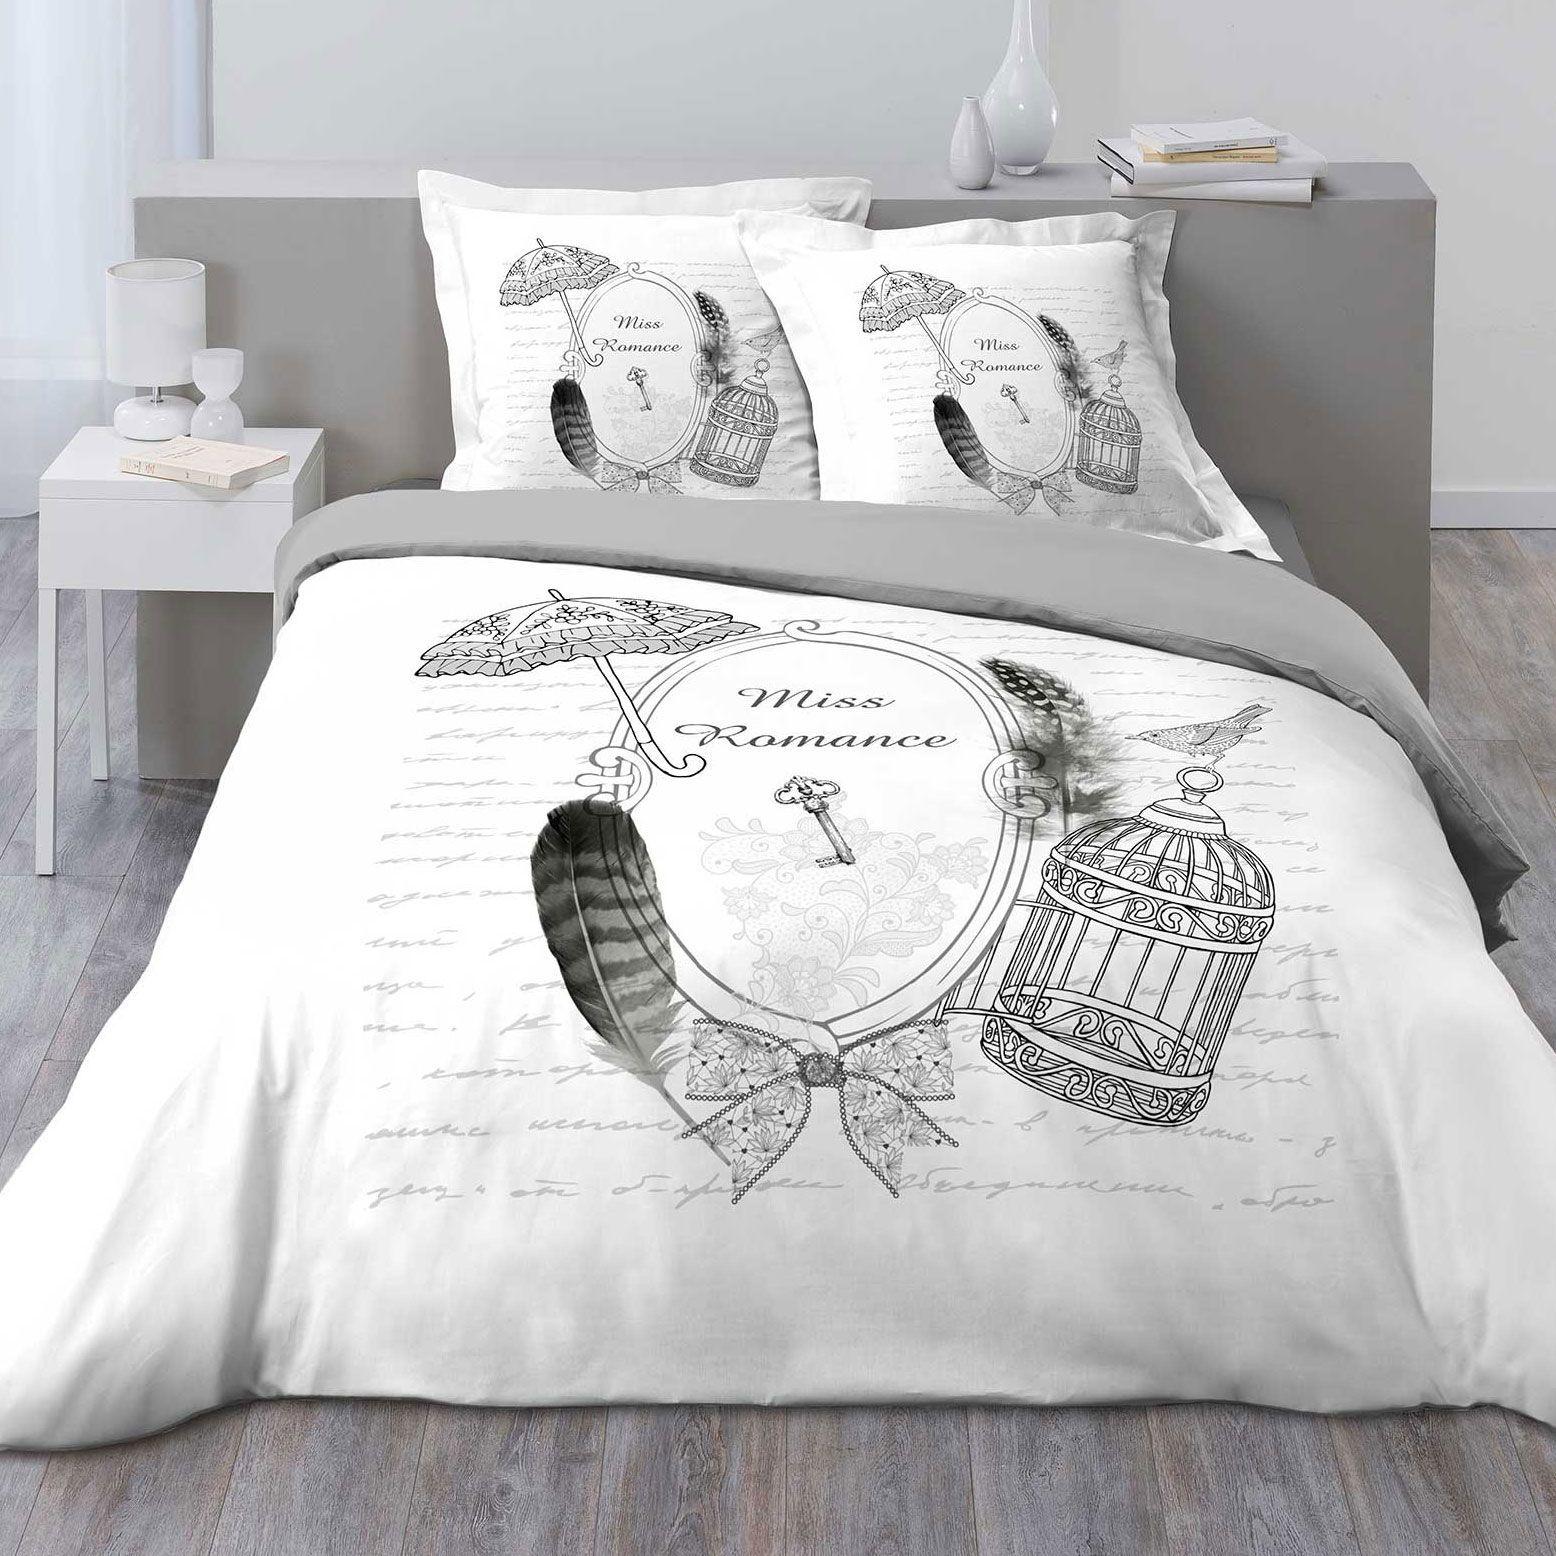 housse de couette et deux taies mistinguette 100 coton. Black Bedroom Furniture Sets. Home Design Ideas